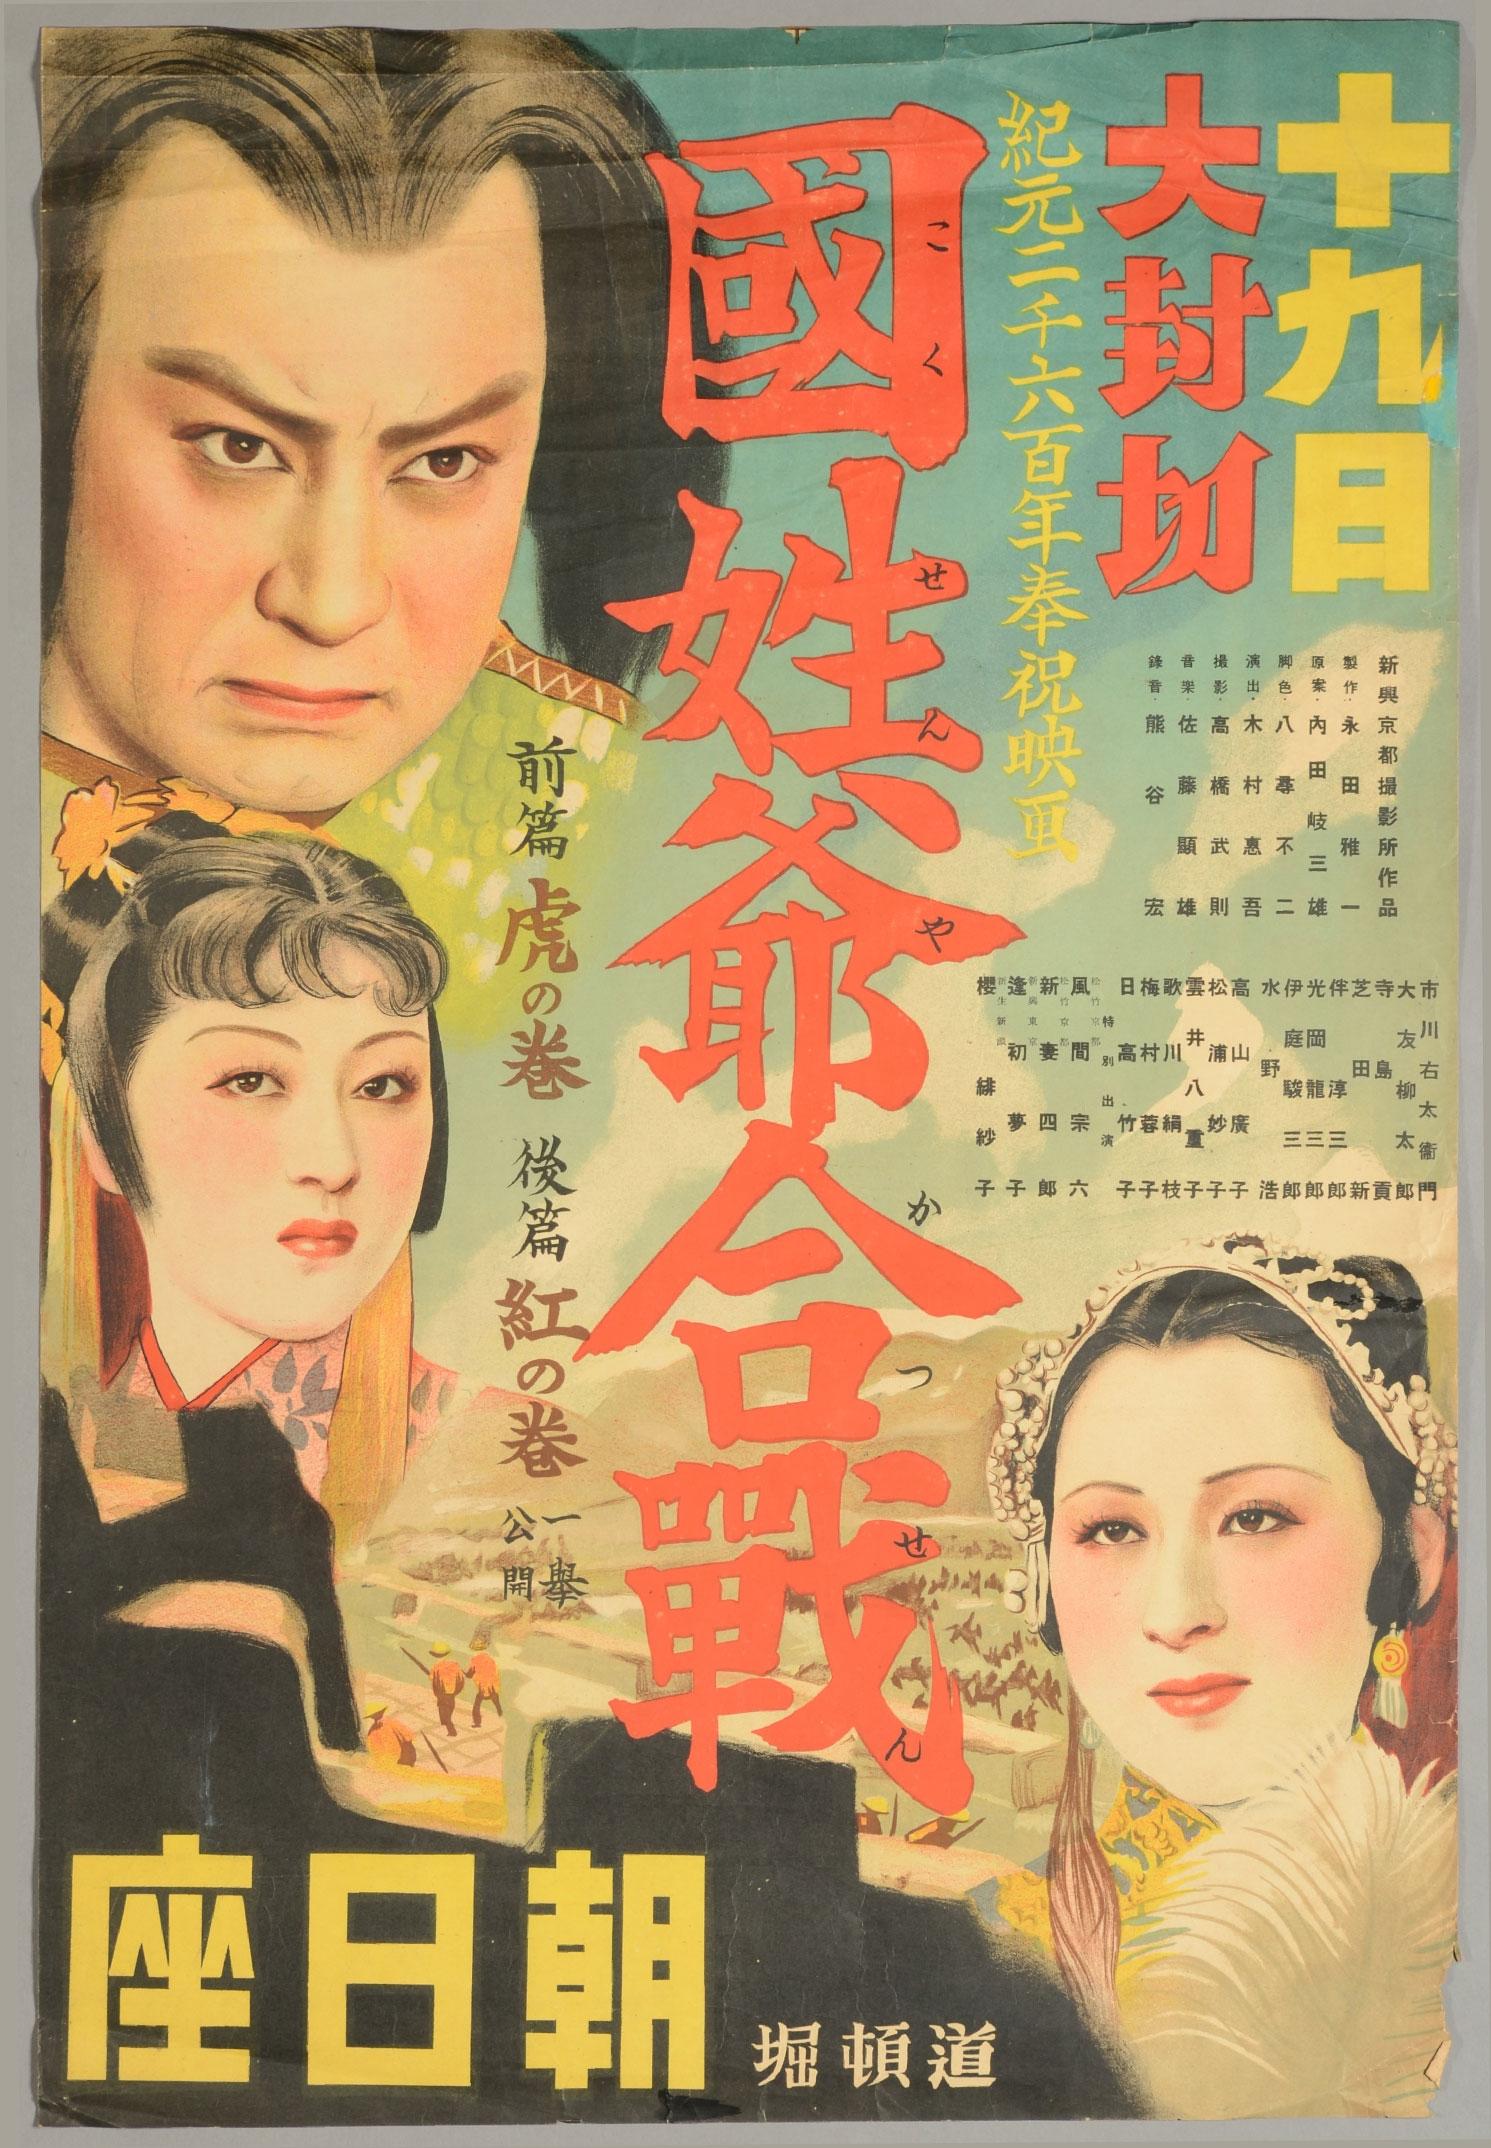 日本民間從 18 世紀便曾颳起「國姓爺熱」,江戶時代頗受歡迎的戲劇《國姓爺合戰》,後來衍生歌舞劇、小說、繪本、電影。圖為 1940 年的電影海報,男主角鄭成功為日本武士的形象。 圖片來源│臺灣歷史博物館